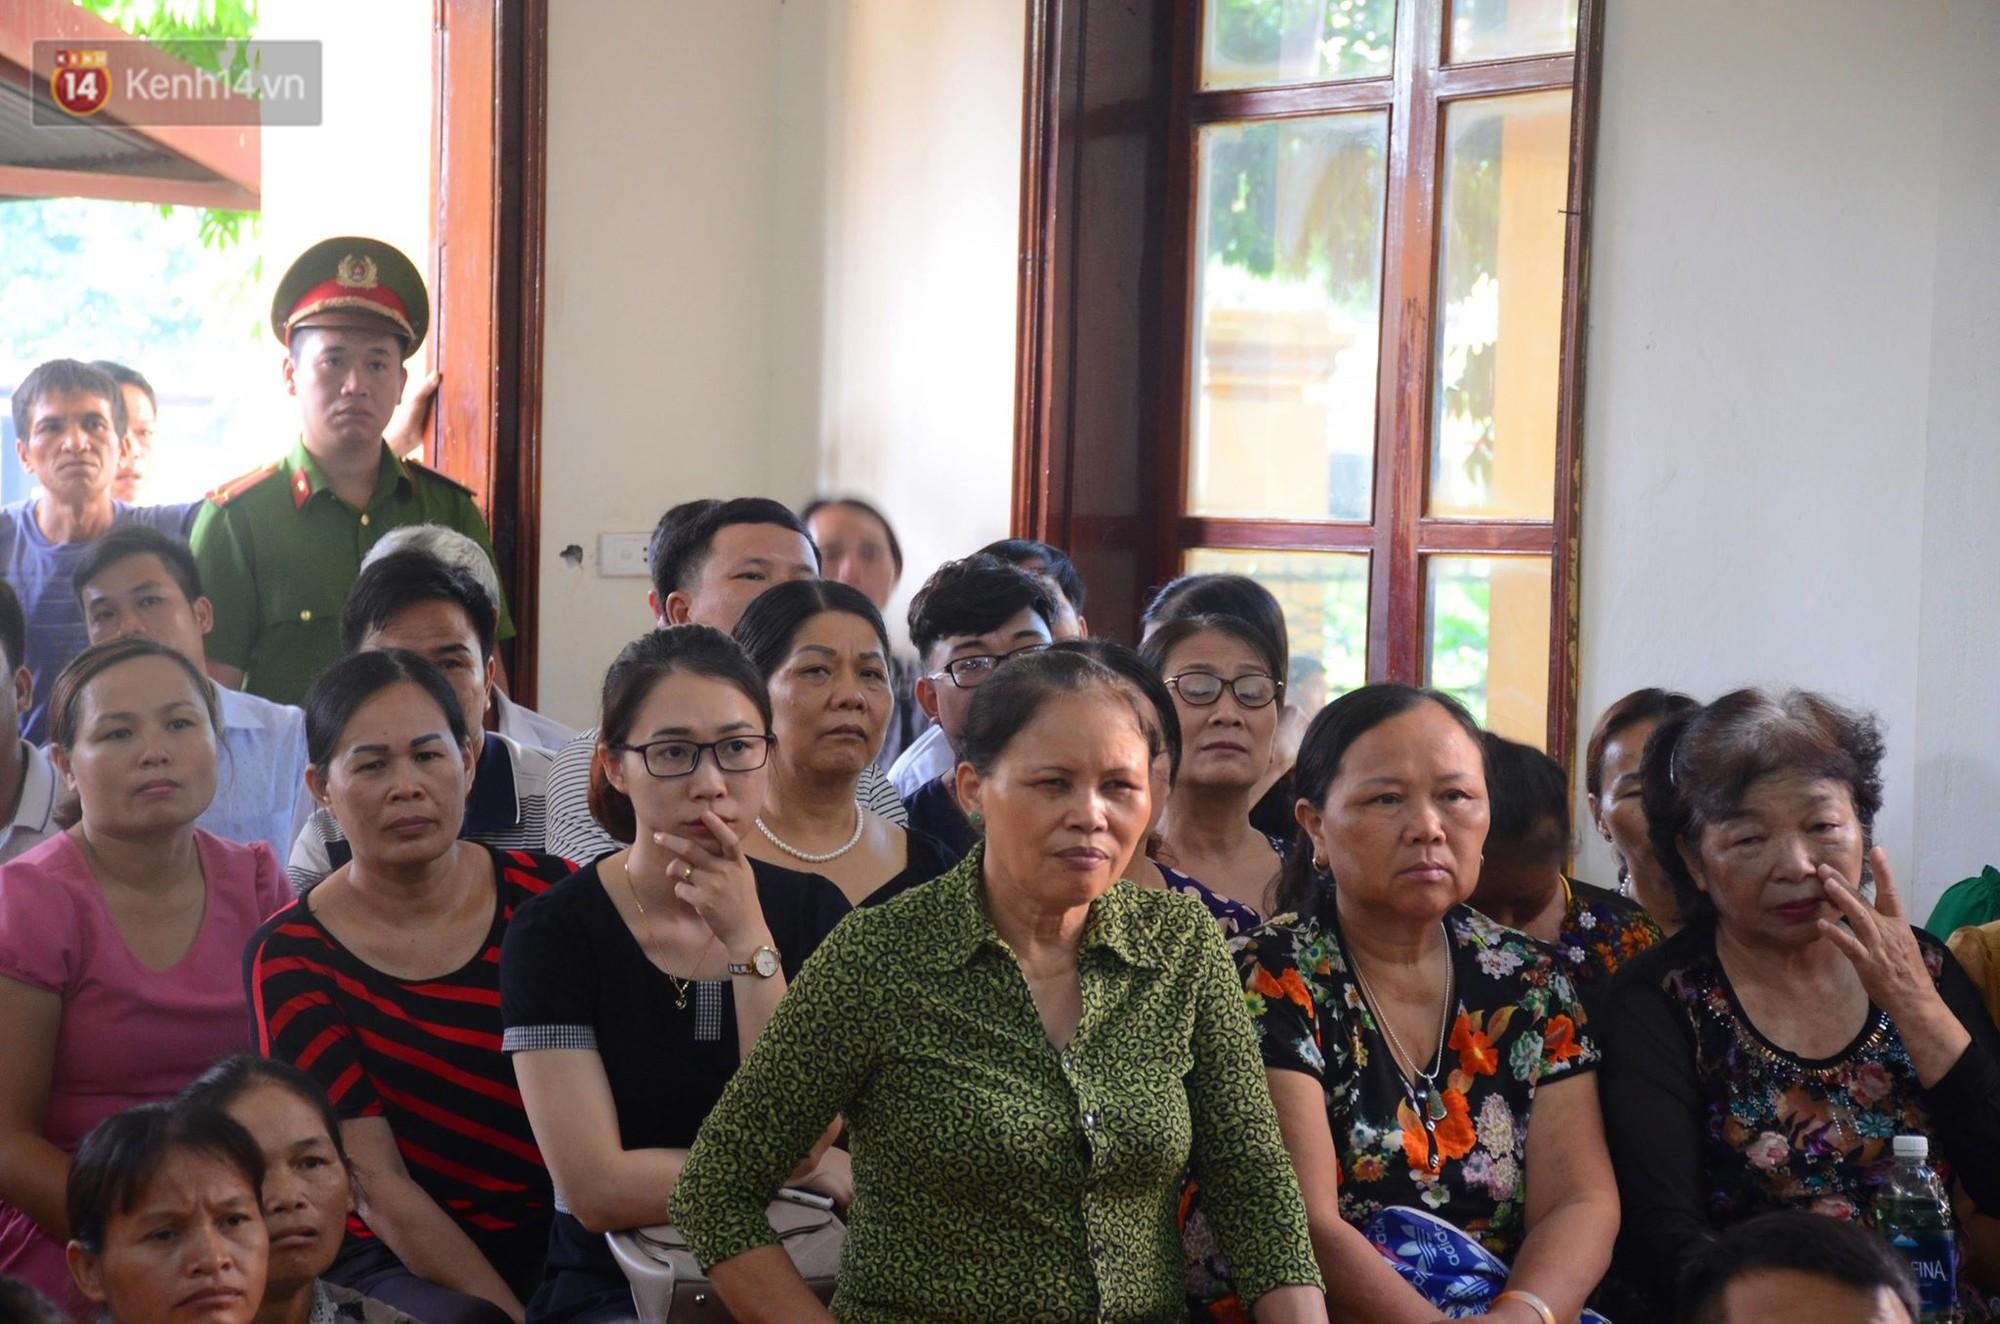 Điểm lại những tình tiết bất ngờ từ ngày đầu phiên xử bác sĩ Lương cho đến quyết định quay lại phần xét hỏi sau 10 ngày - Ảnh 7.